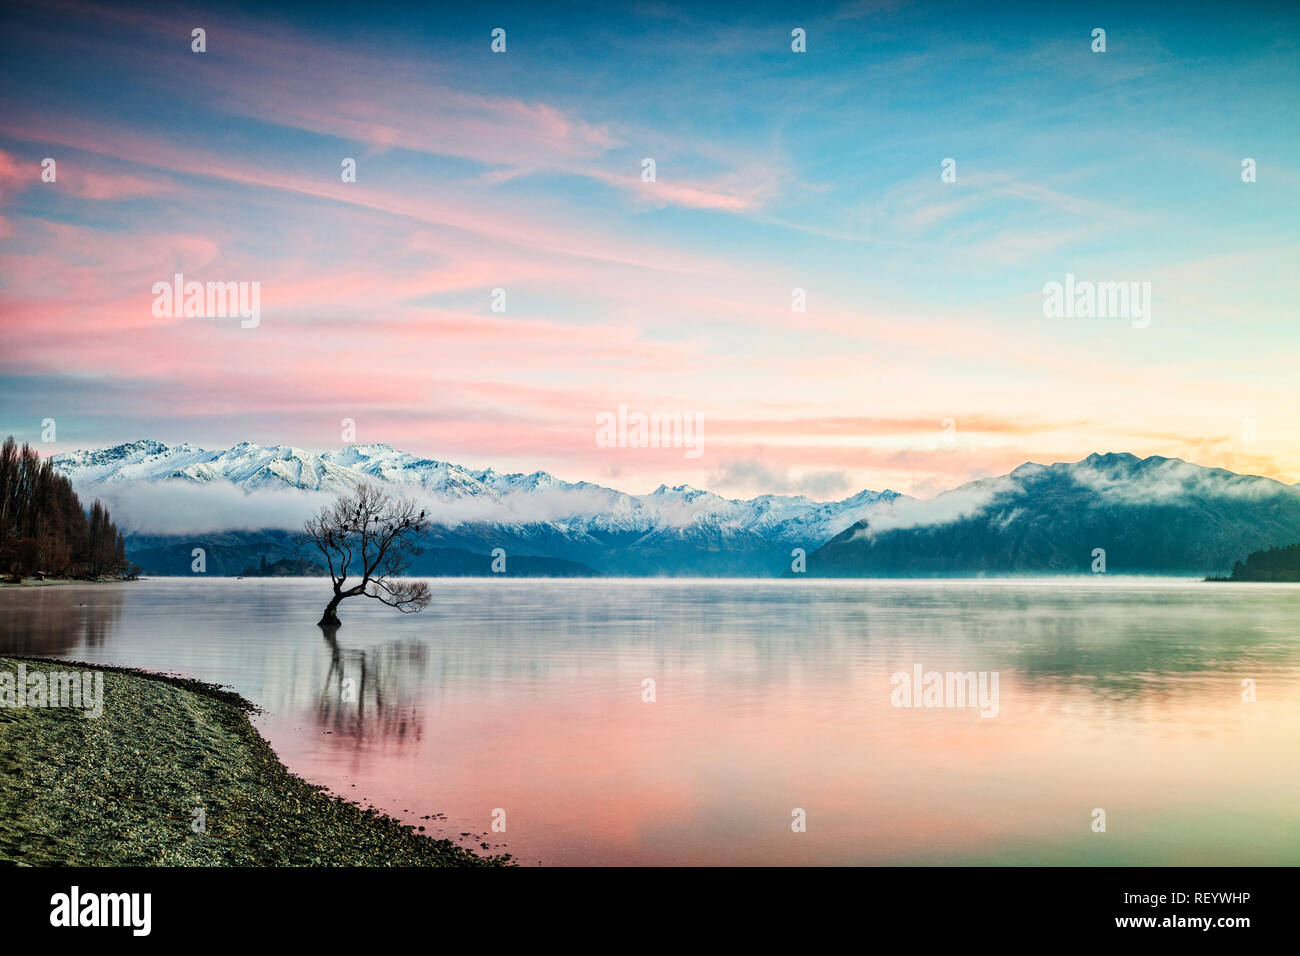 L'hiver au lac Wanaka, Otago, Nouvelle-Zélande, avec des oiseaux se percher dans l'arbre et de la brume qui monte de l'eau. Photo Stock